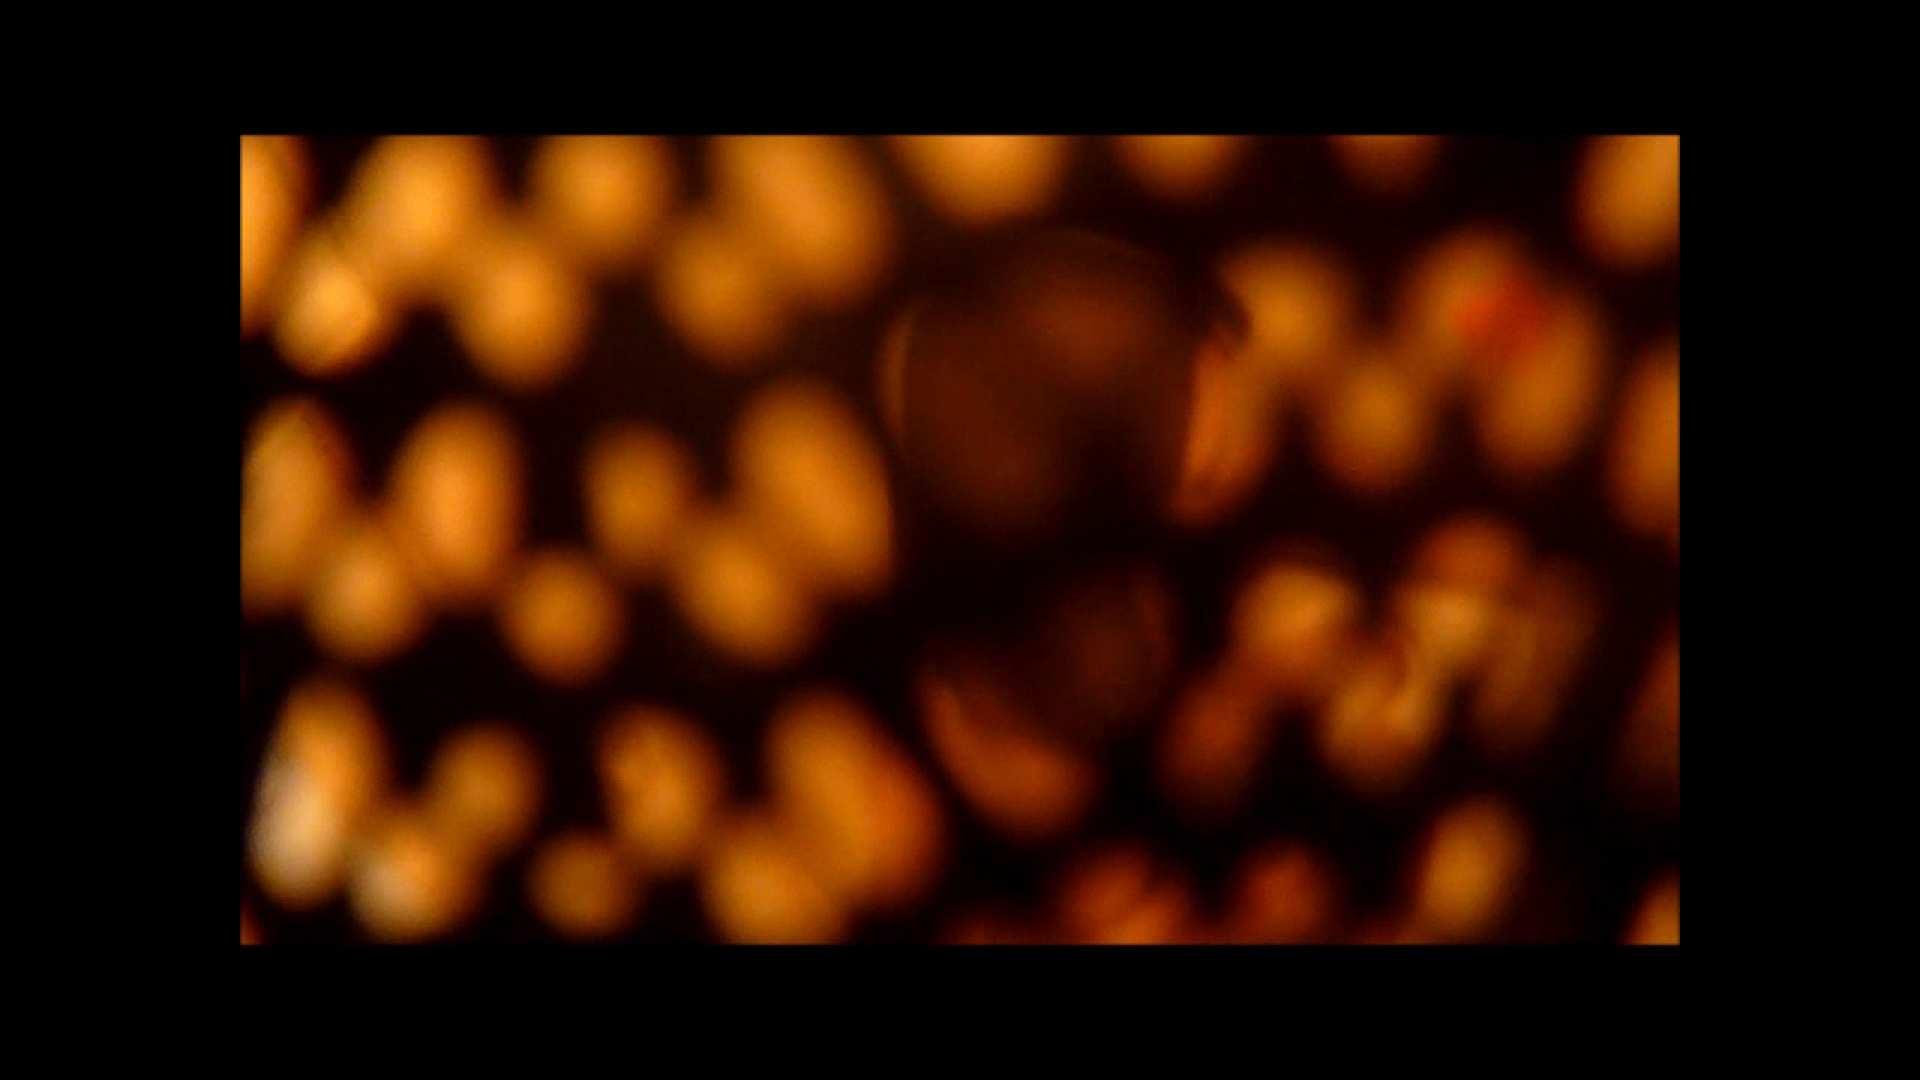 【02】ベランダに侵入して張り込みを始めて・・・やっと結果が出ました。 家宅侵入 | 0  82画像 50